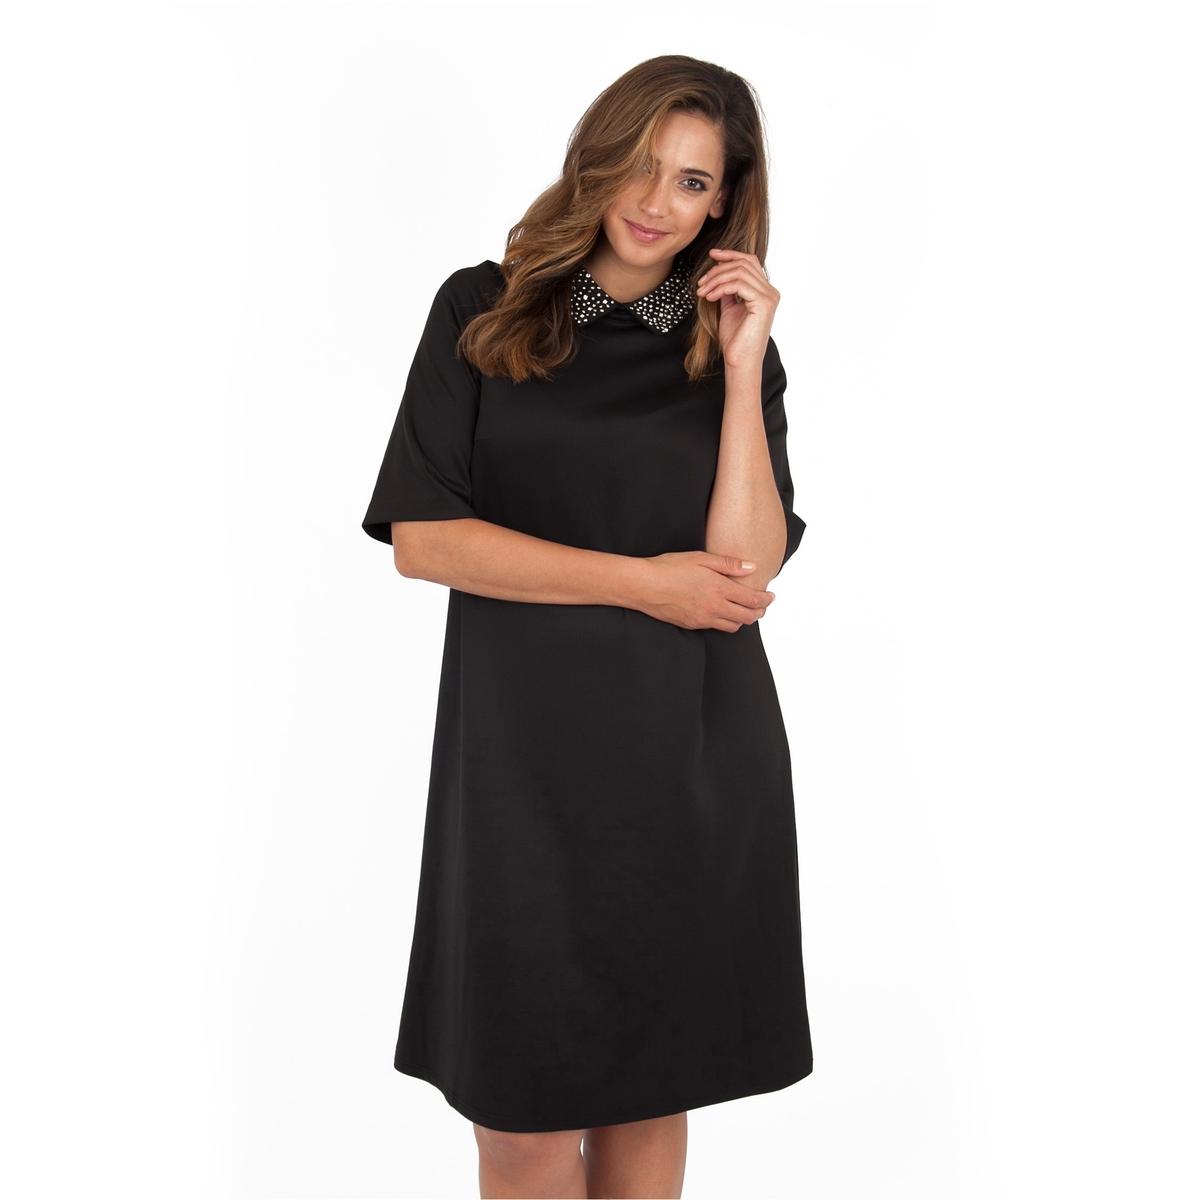 ПлатьеПлатье с рукавами до локтя -  KOKO BY KOKO. Края выреза расшиты бусинами, застежка на крупную молнию сзади. Длина ок.104 см. 100% полиэстера.<br><br>Цвет: черный<br>Размер: 48 (FR) - 54 (RUS)